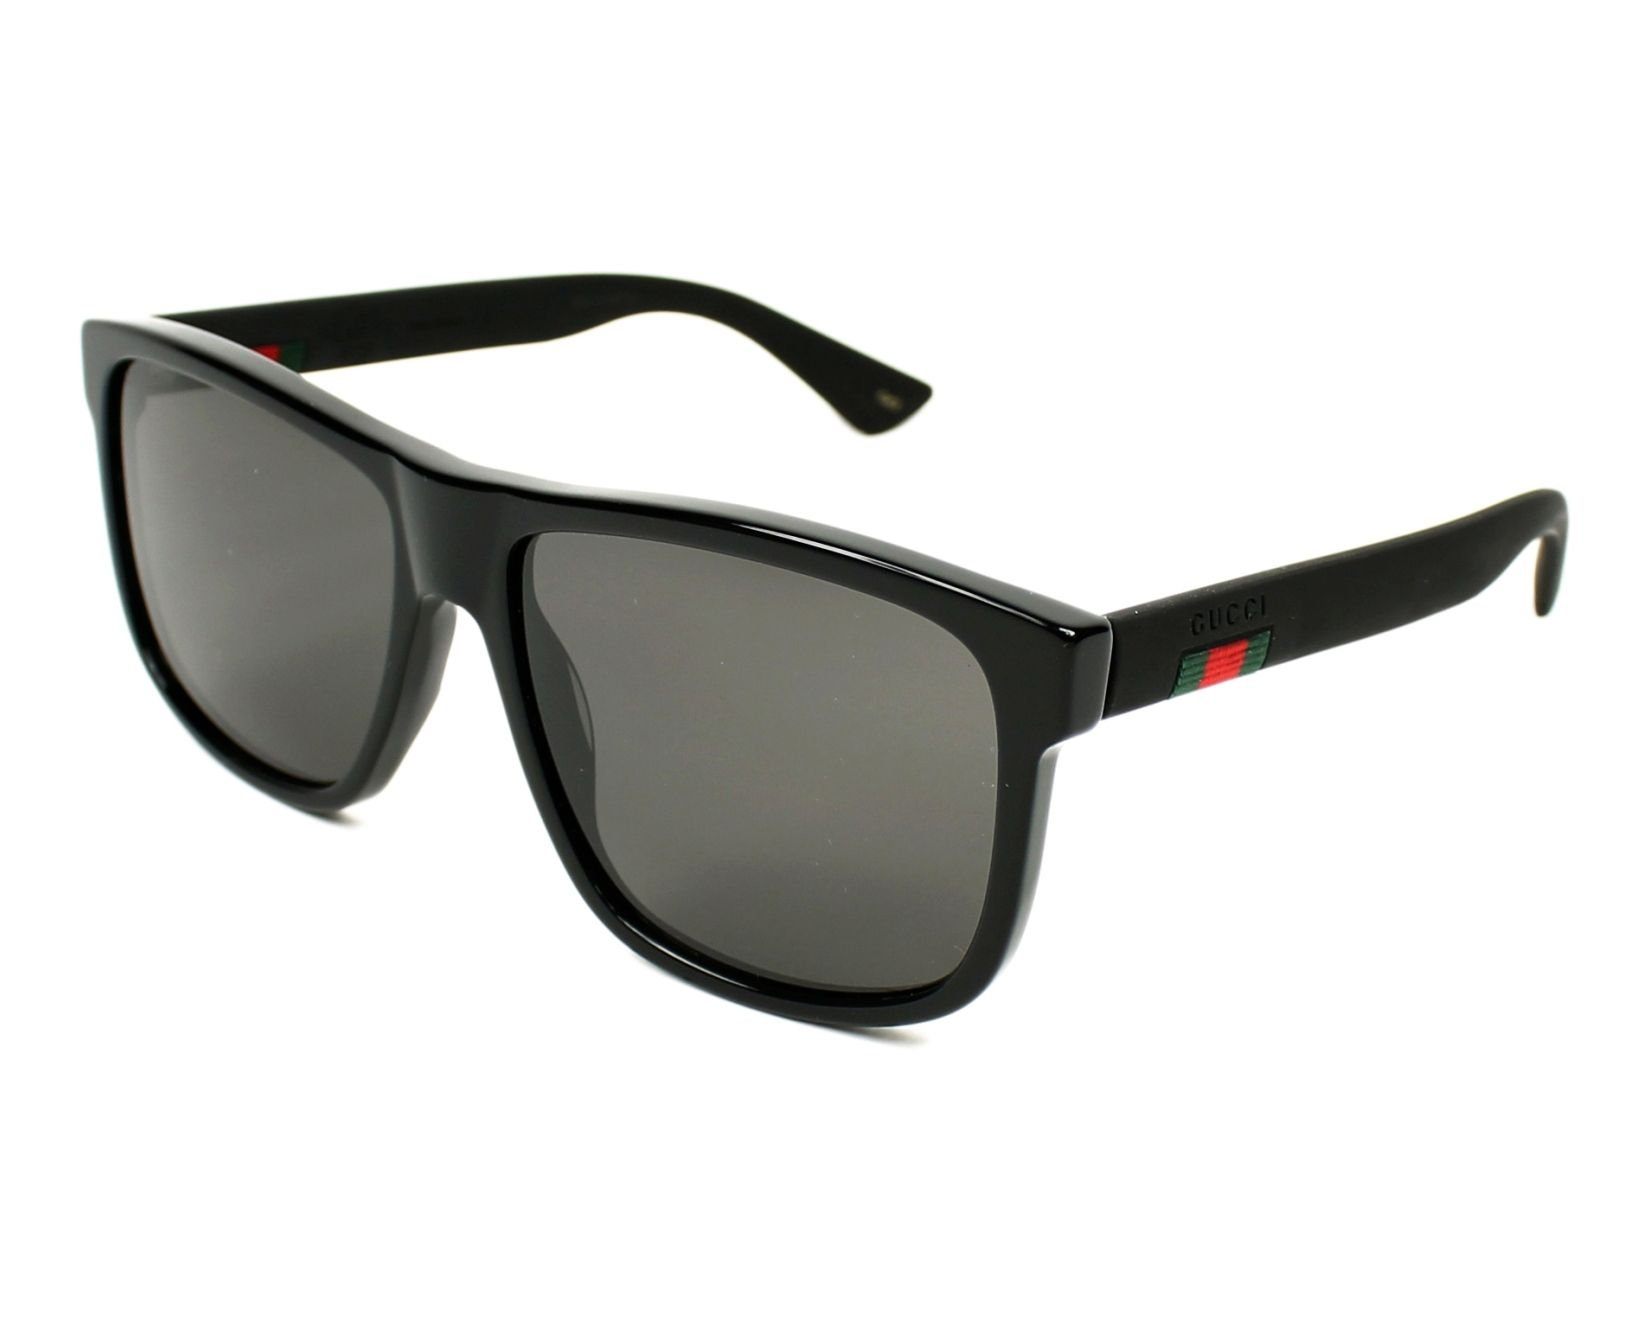 Gucci GG 0010 S- 001 BLACK/GREY Sunglasses